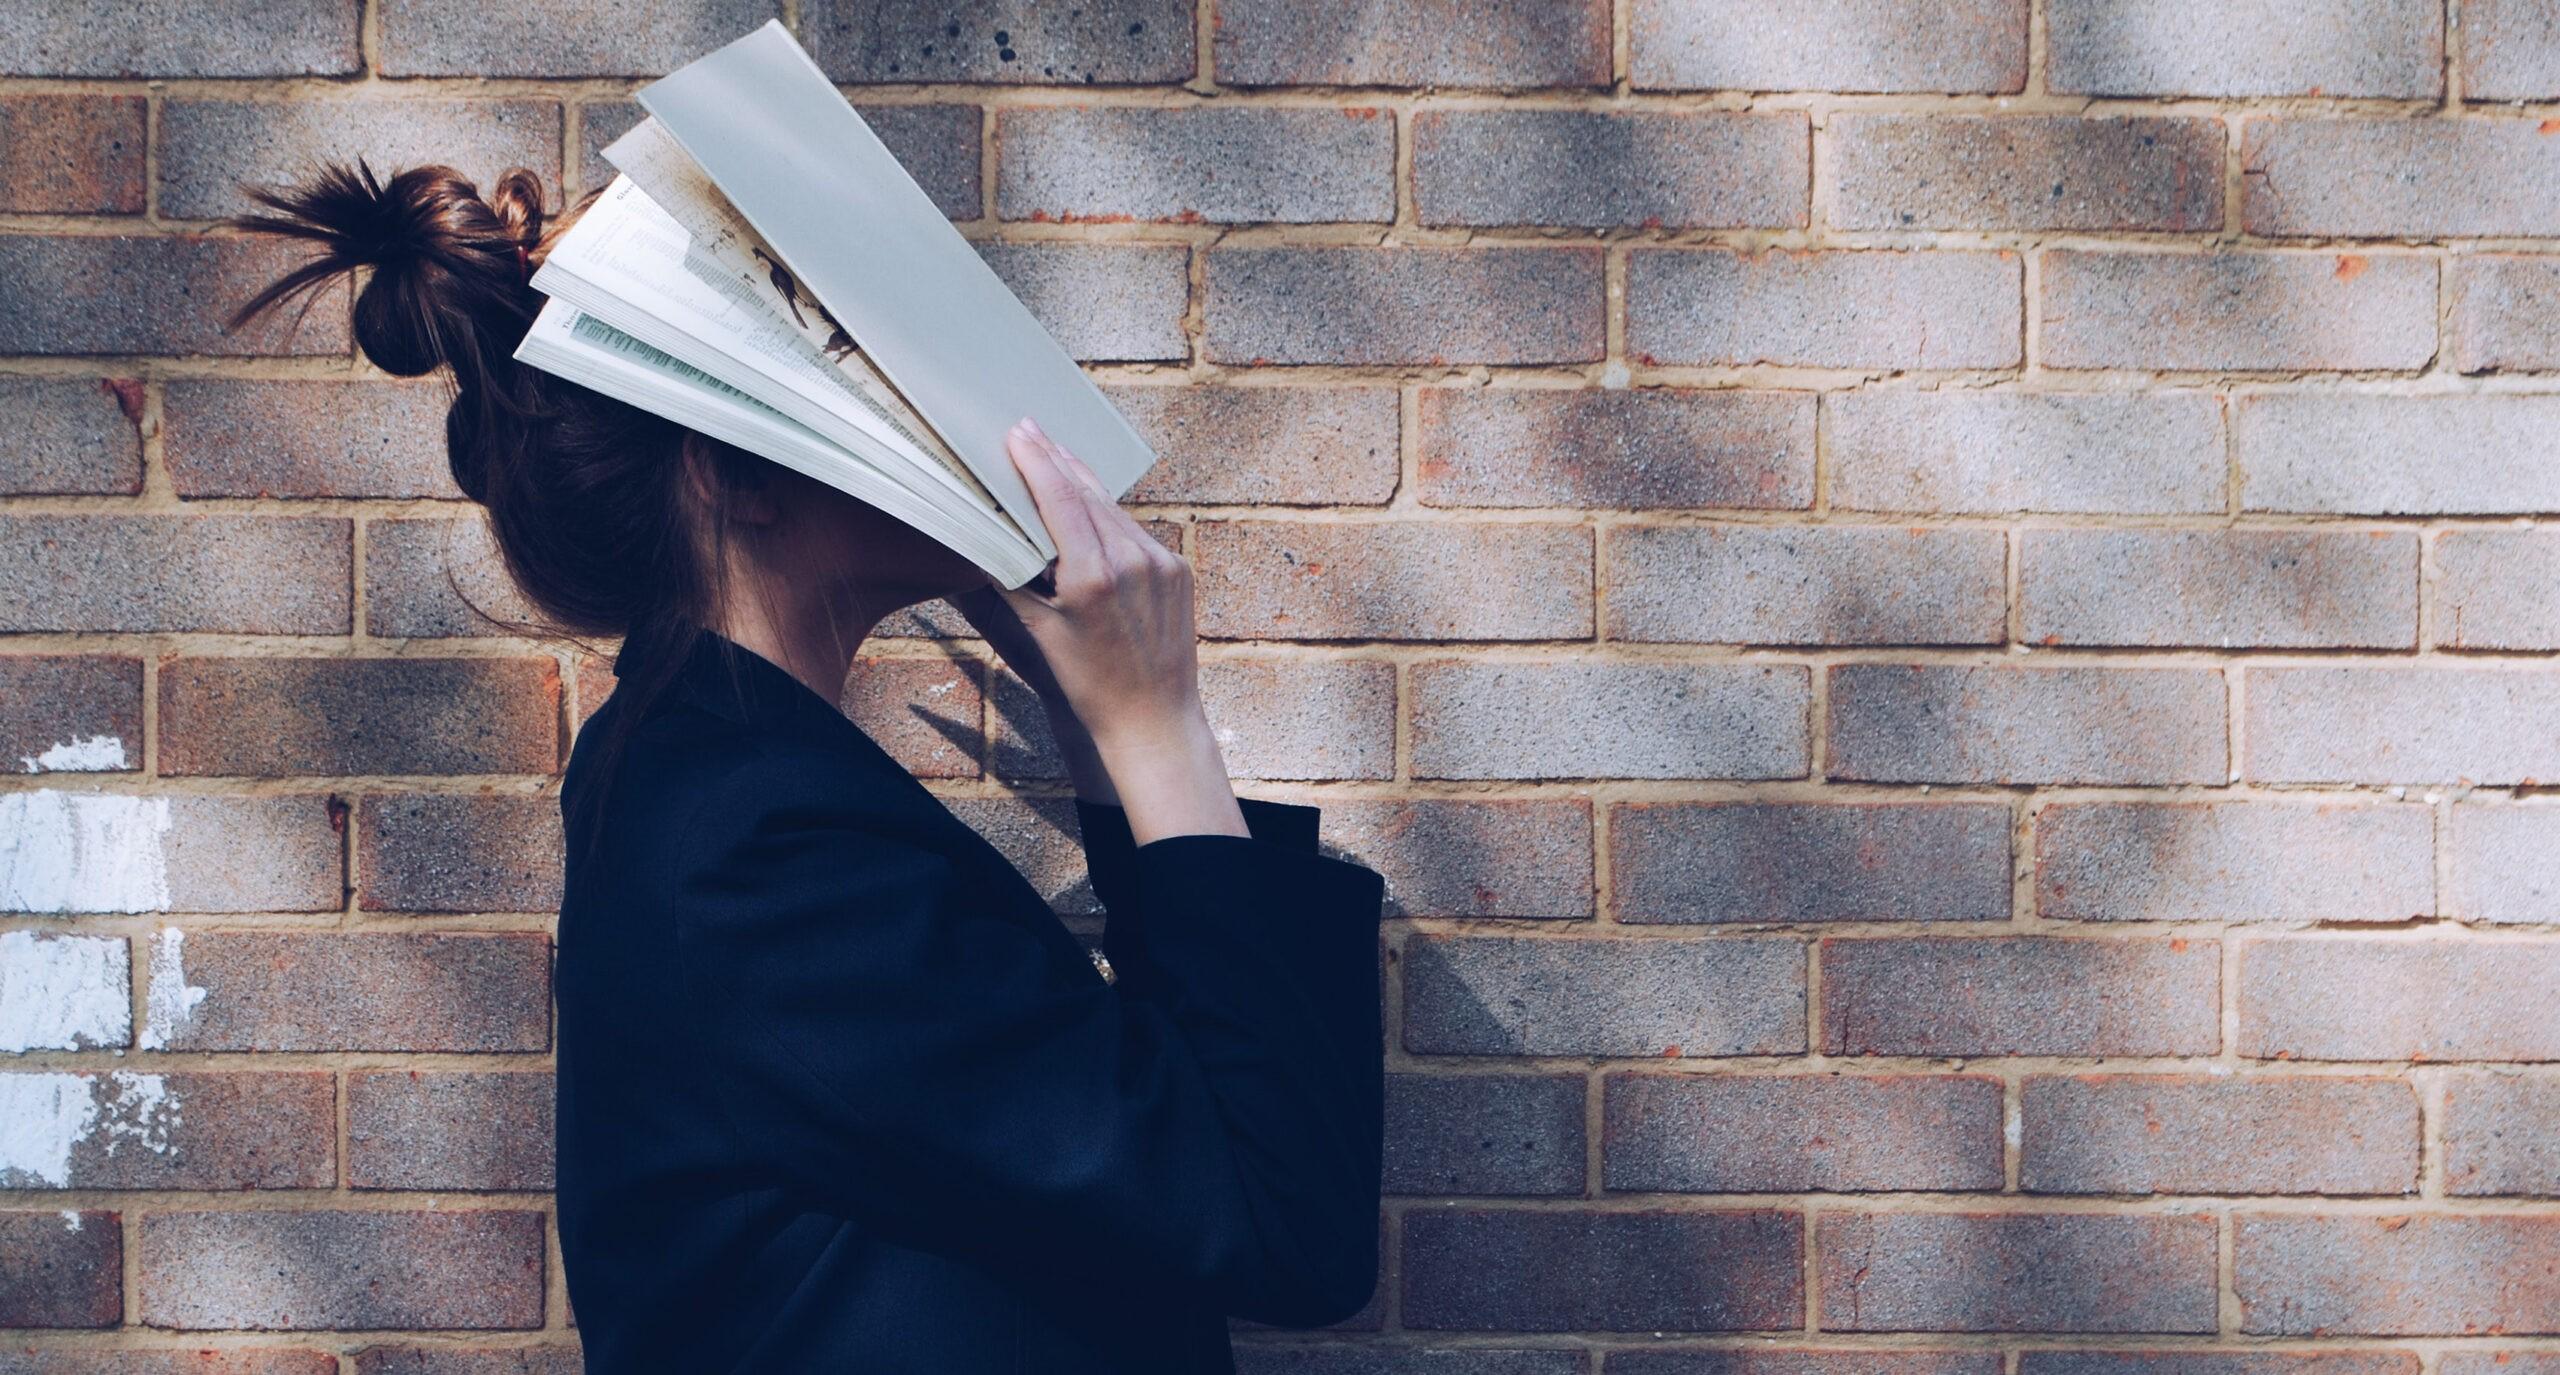 چگونه کتاب بخوانیم که فراموش نکنیم؟